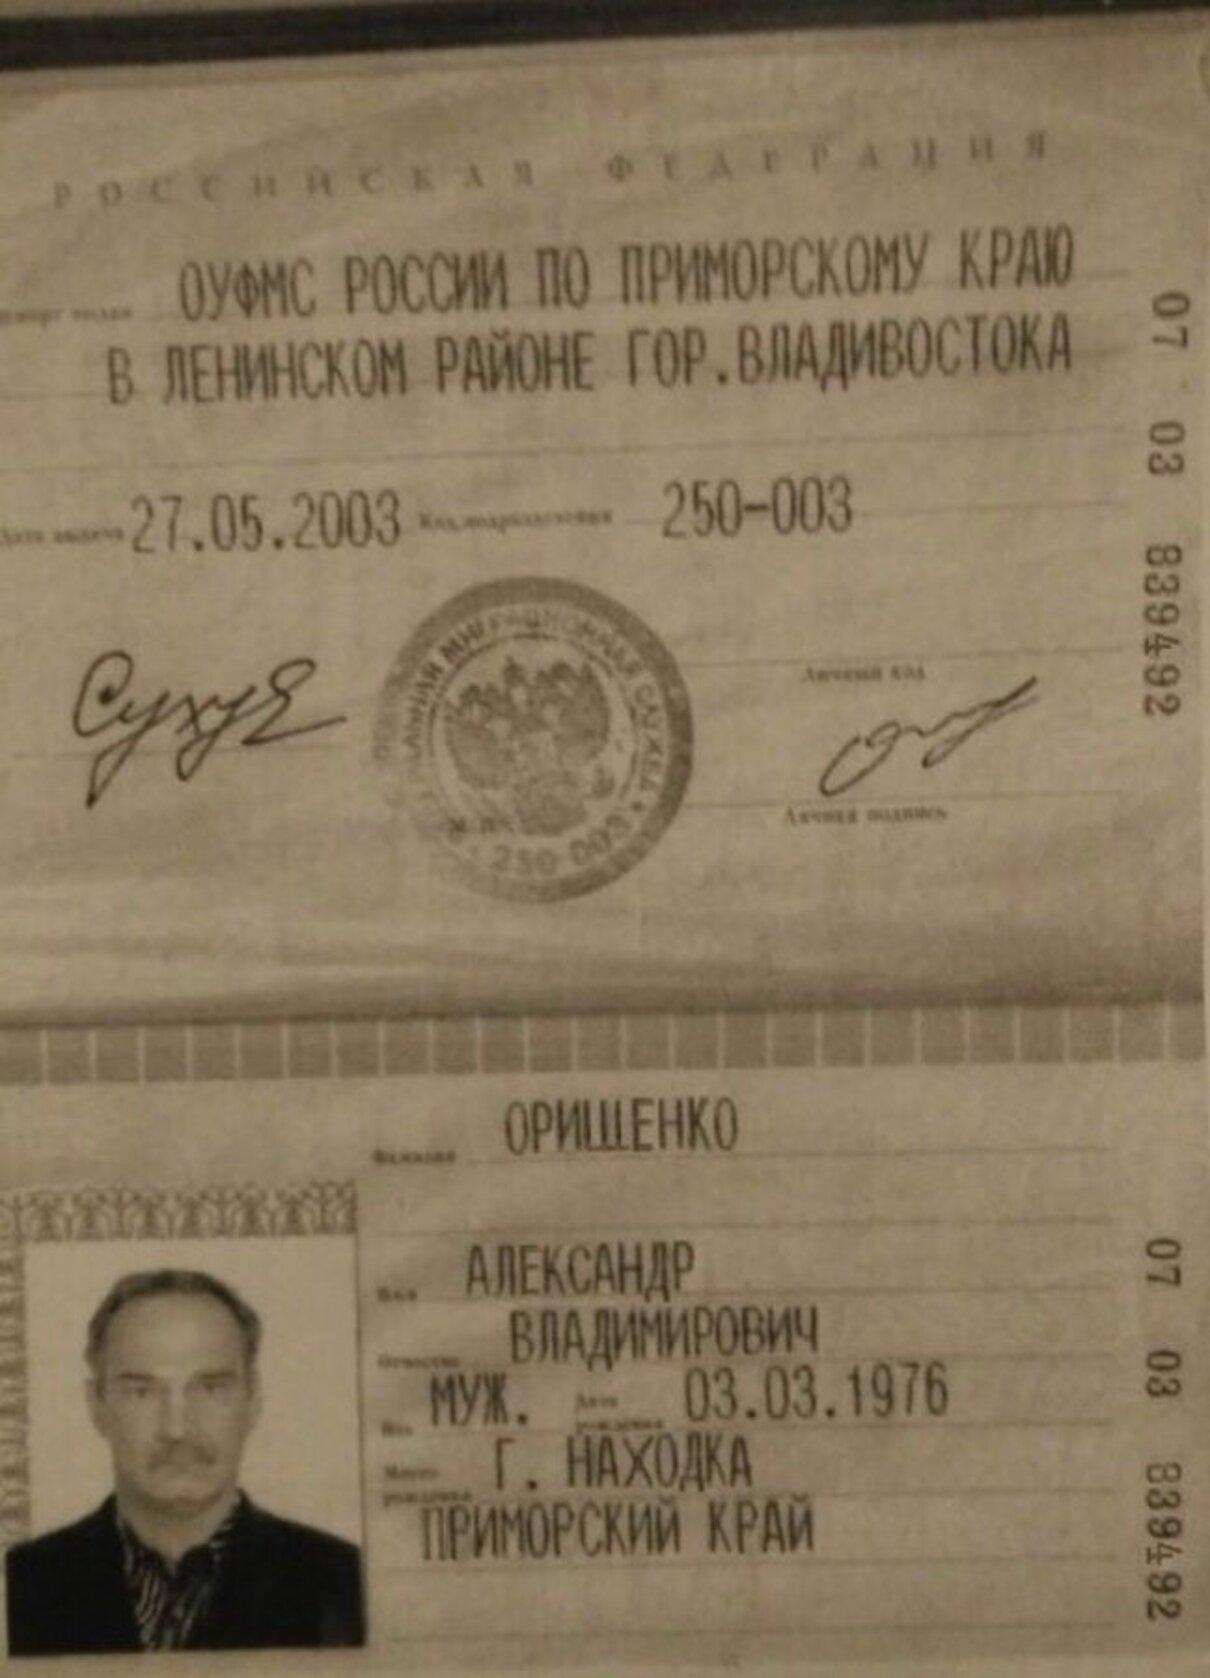 Жалоба-отзыв: Partsofjapan2008@gmail.com - Во Владивастоке появились еще одни мошенники.  Фото №3